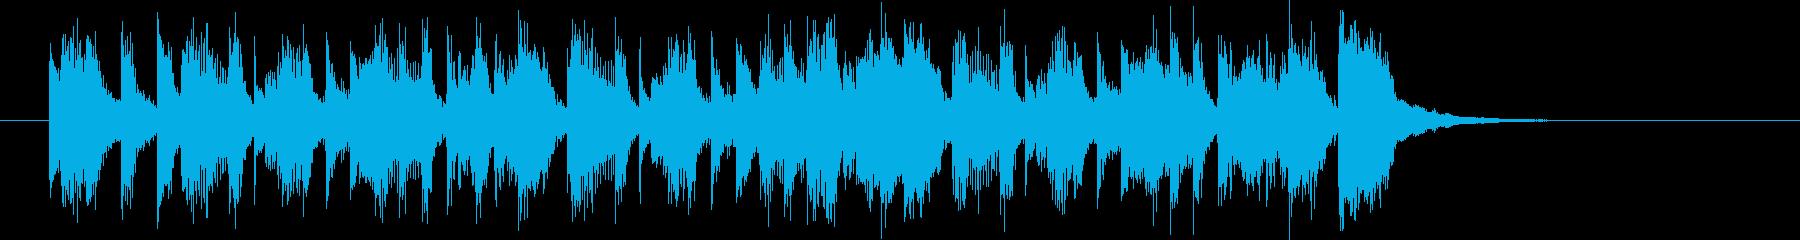 軽快でキャッチ―なシンセポップジングルの再生済みの波形